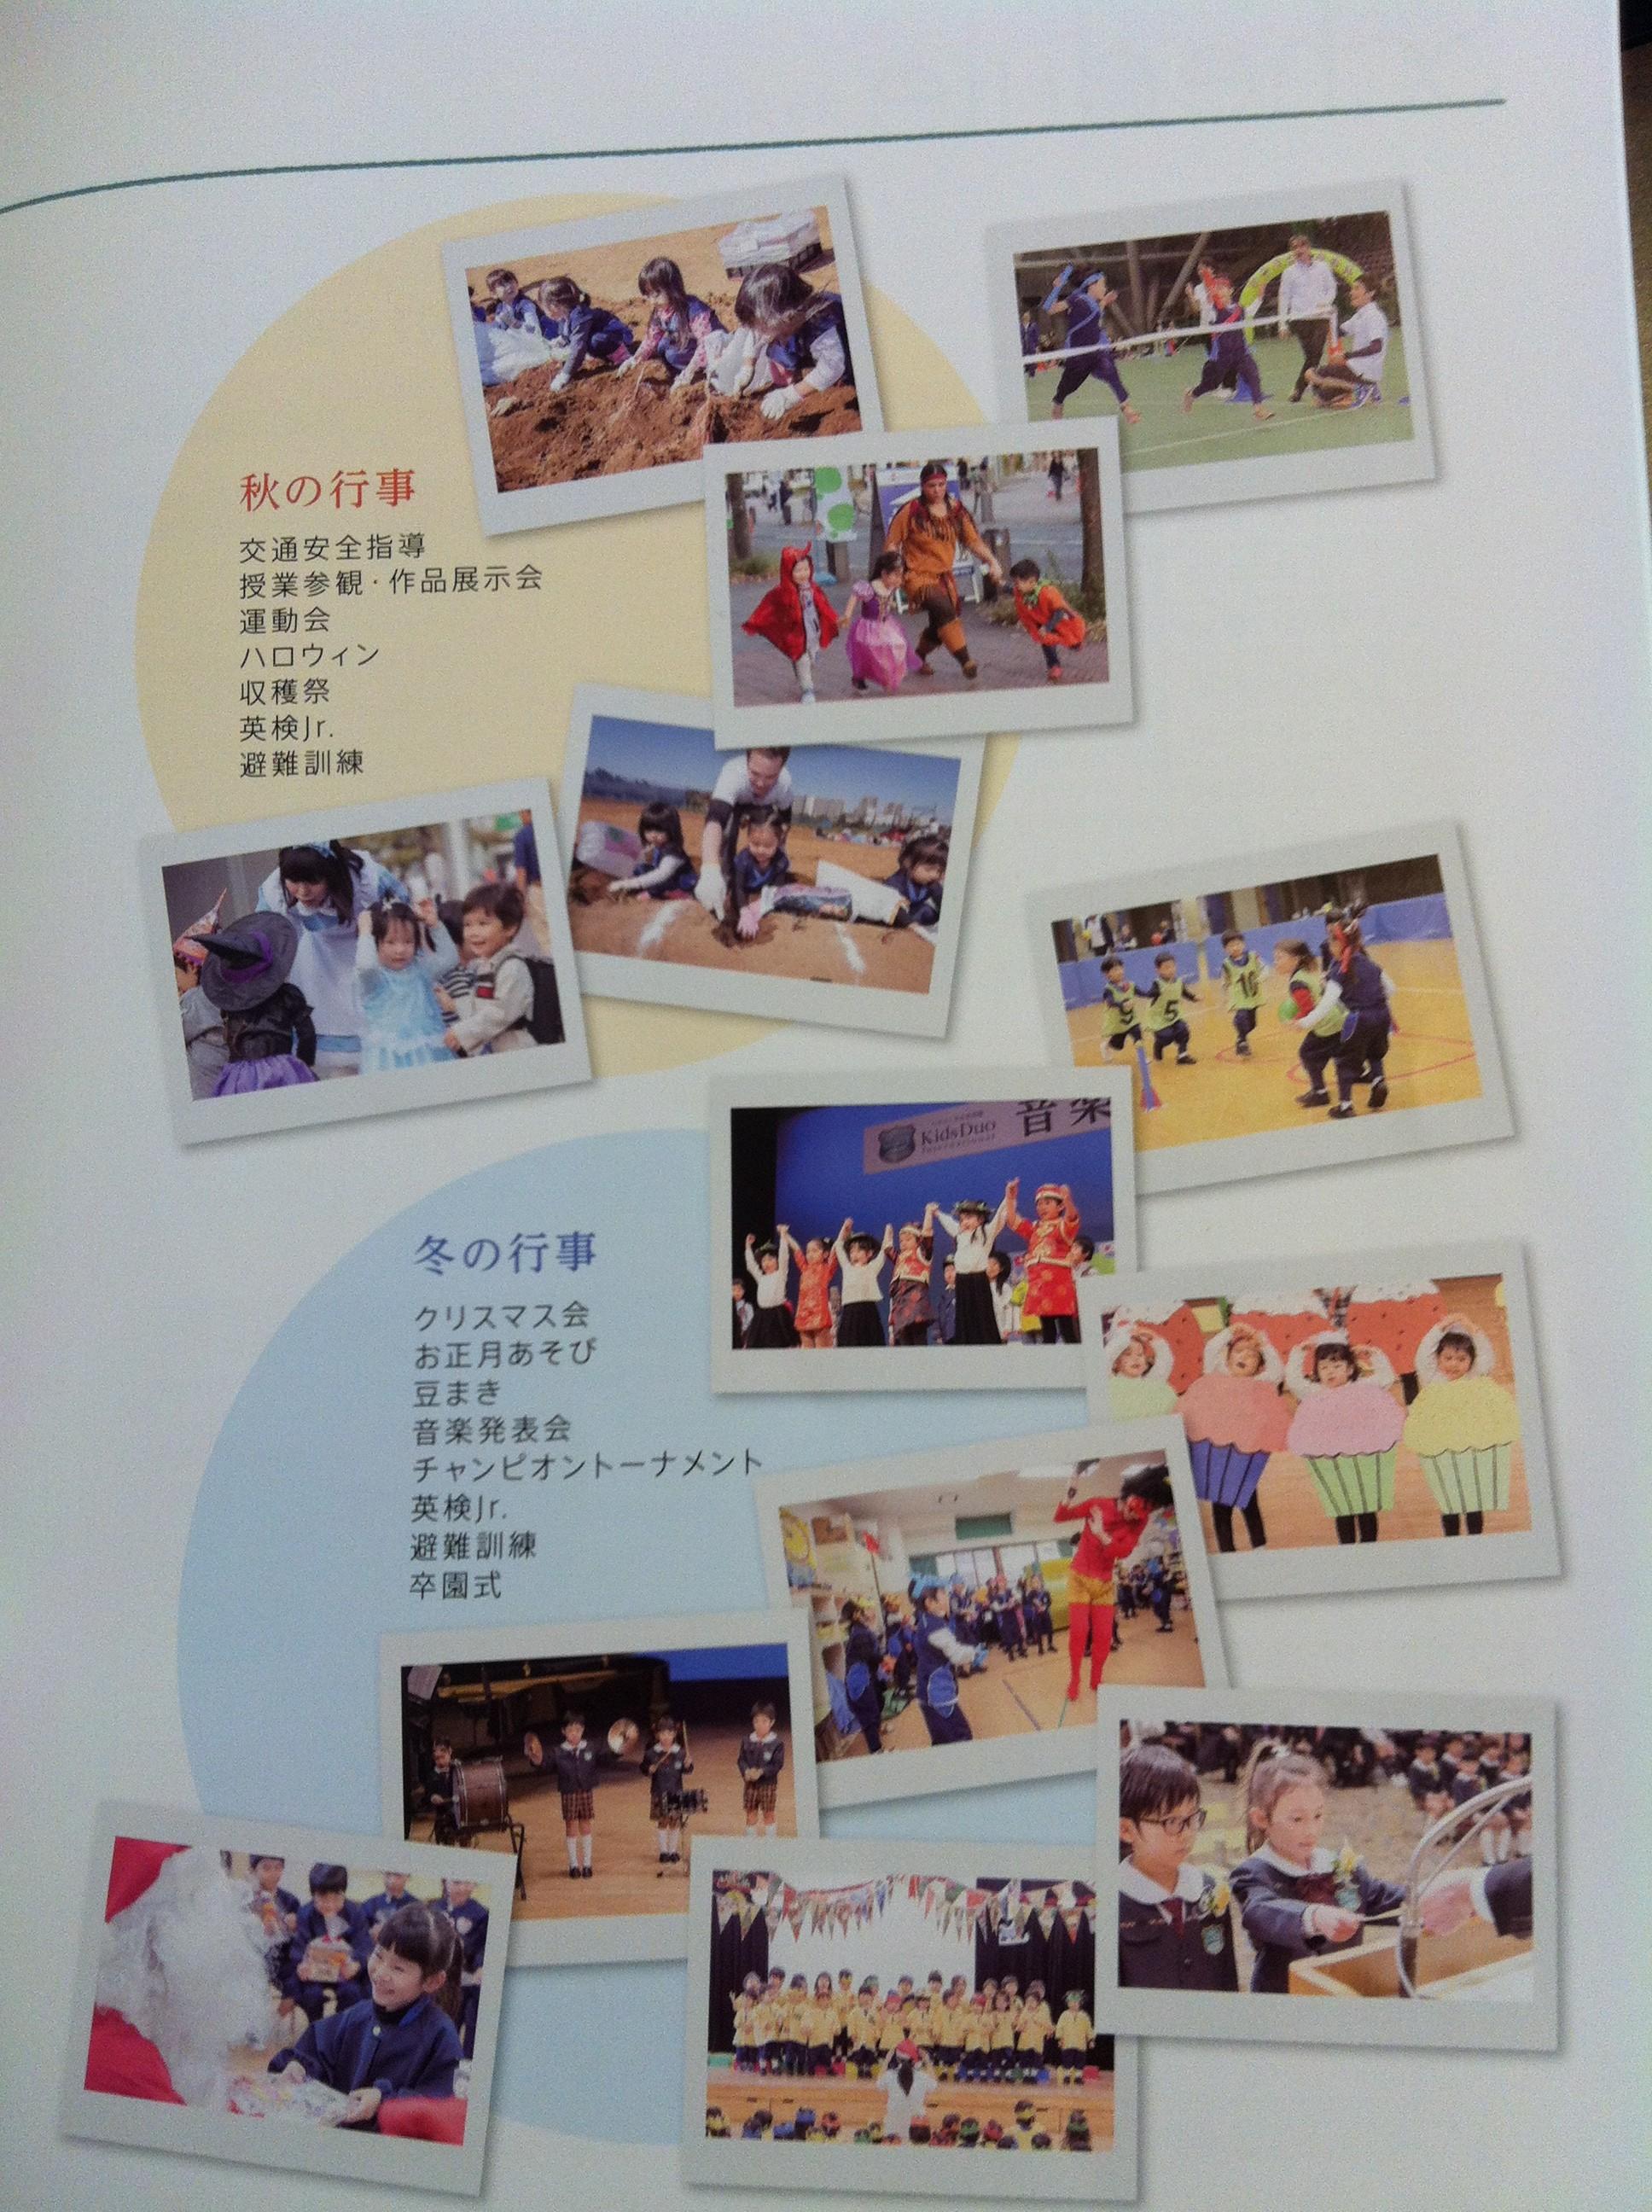 キッズデュオ(kids duo)の説明会で配られたパンフレット16ページ目の画像キャプチャ